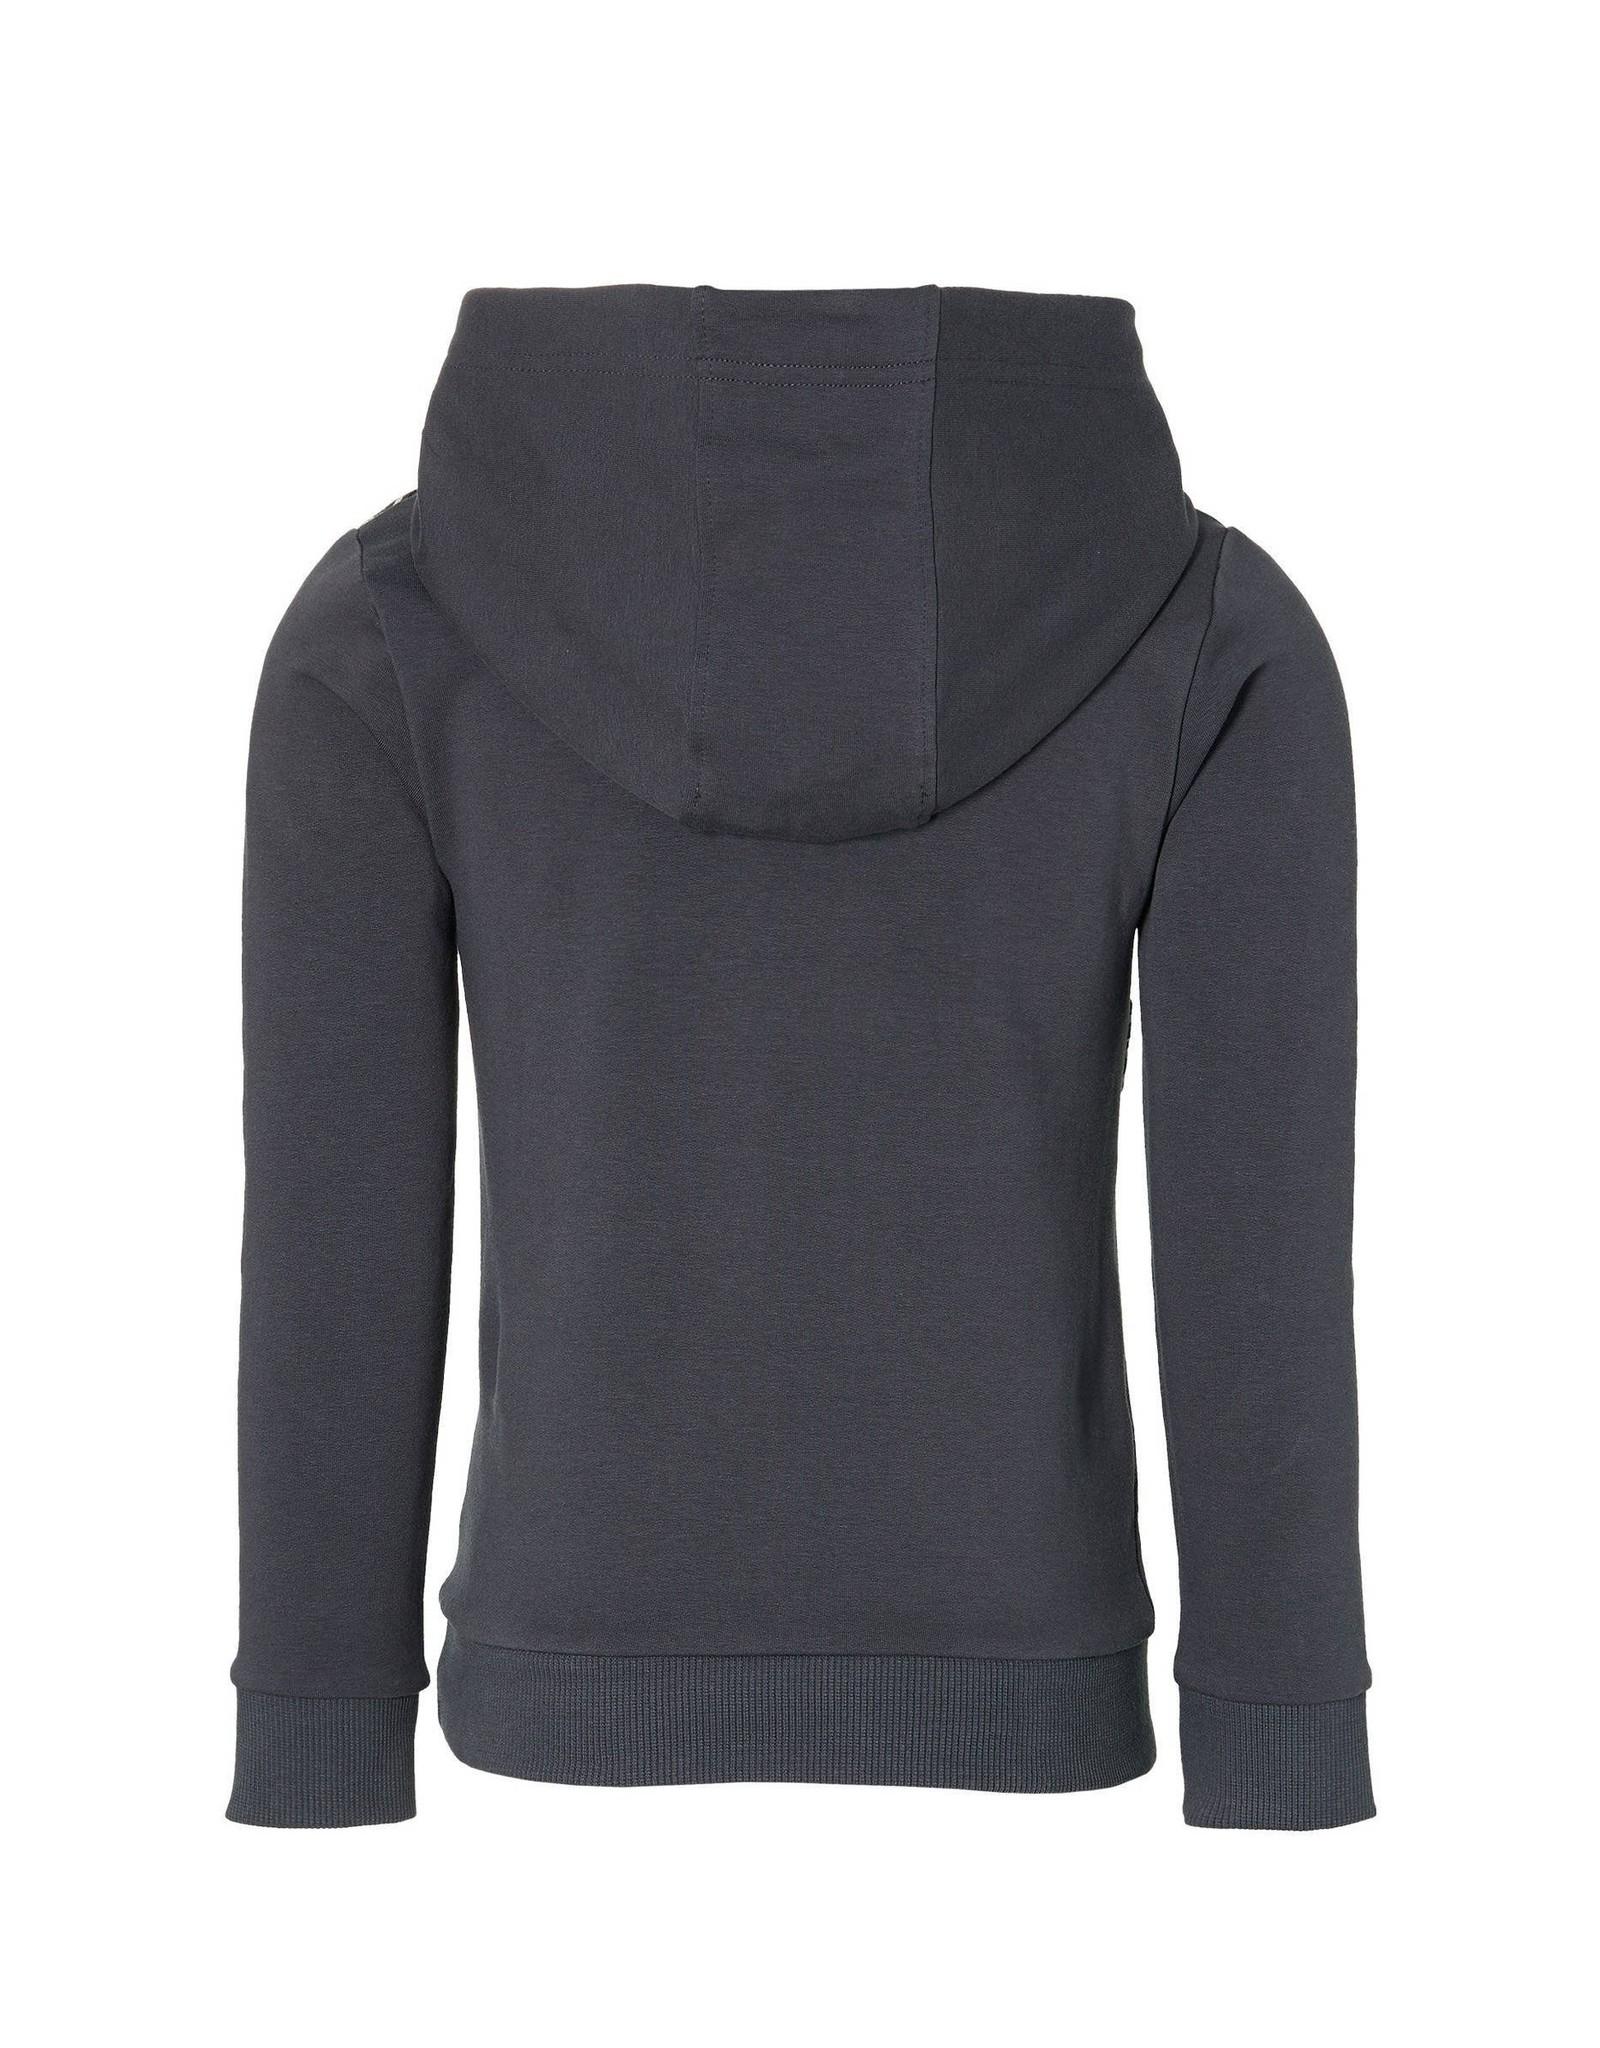 Quapi DENNY W203 dark grey